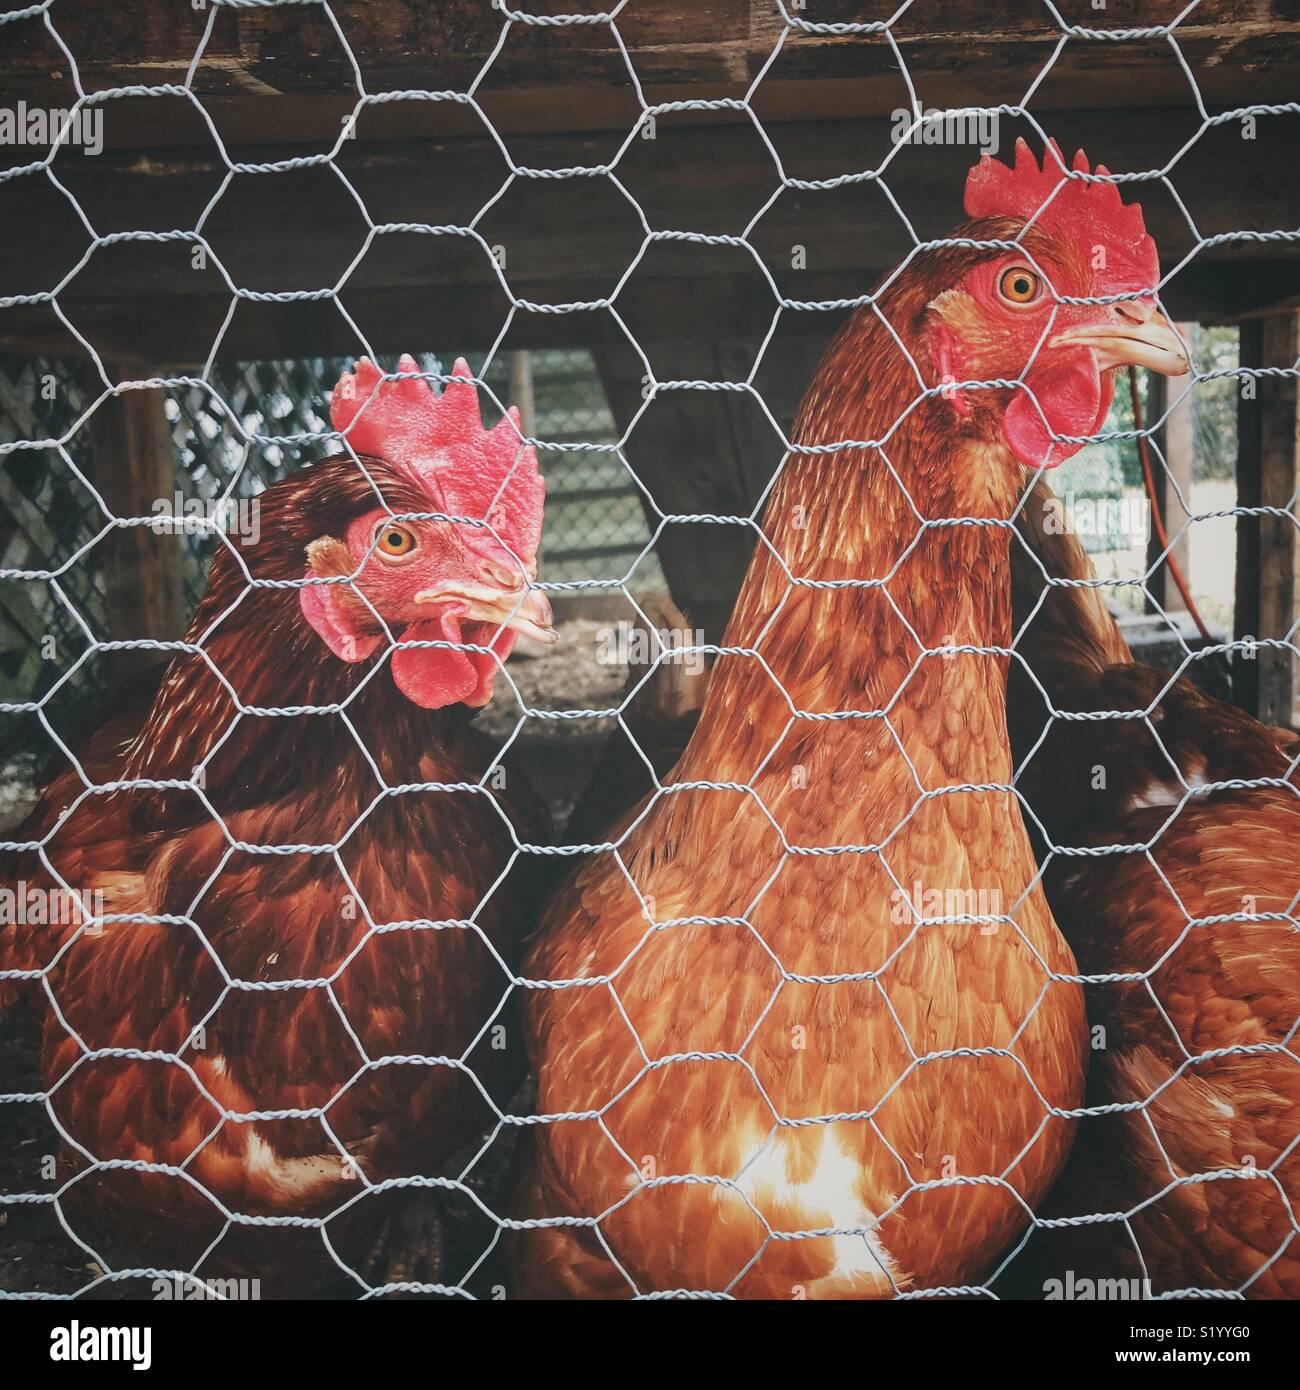 Hinterhof Rhode-Island rote Hühner hinter Hähnchen Draht in Stift unter Coop Stockbild